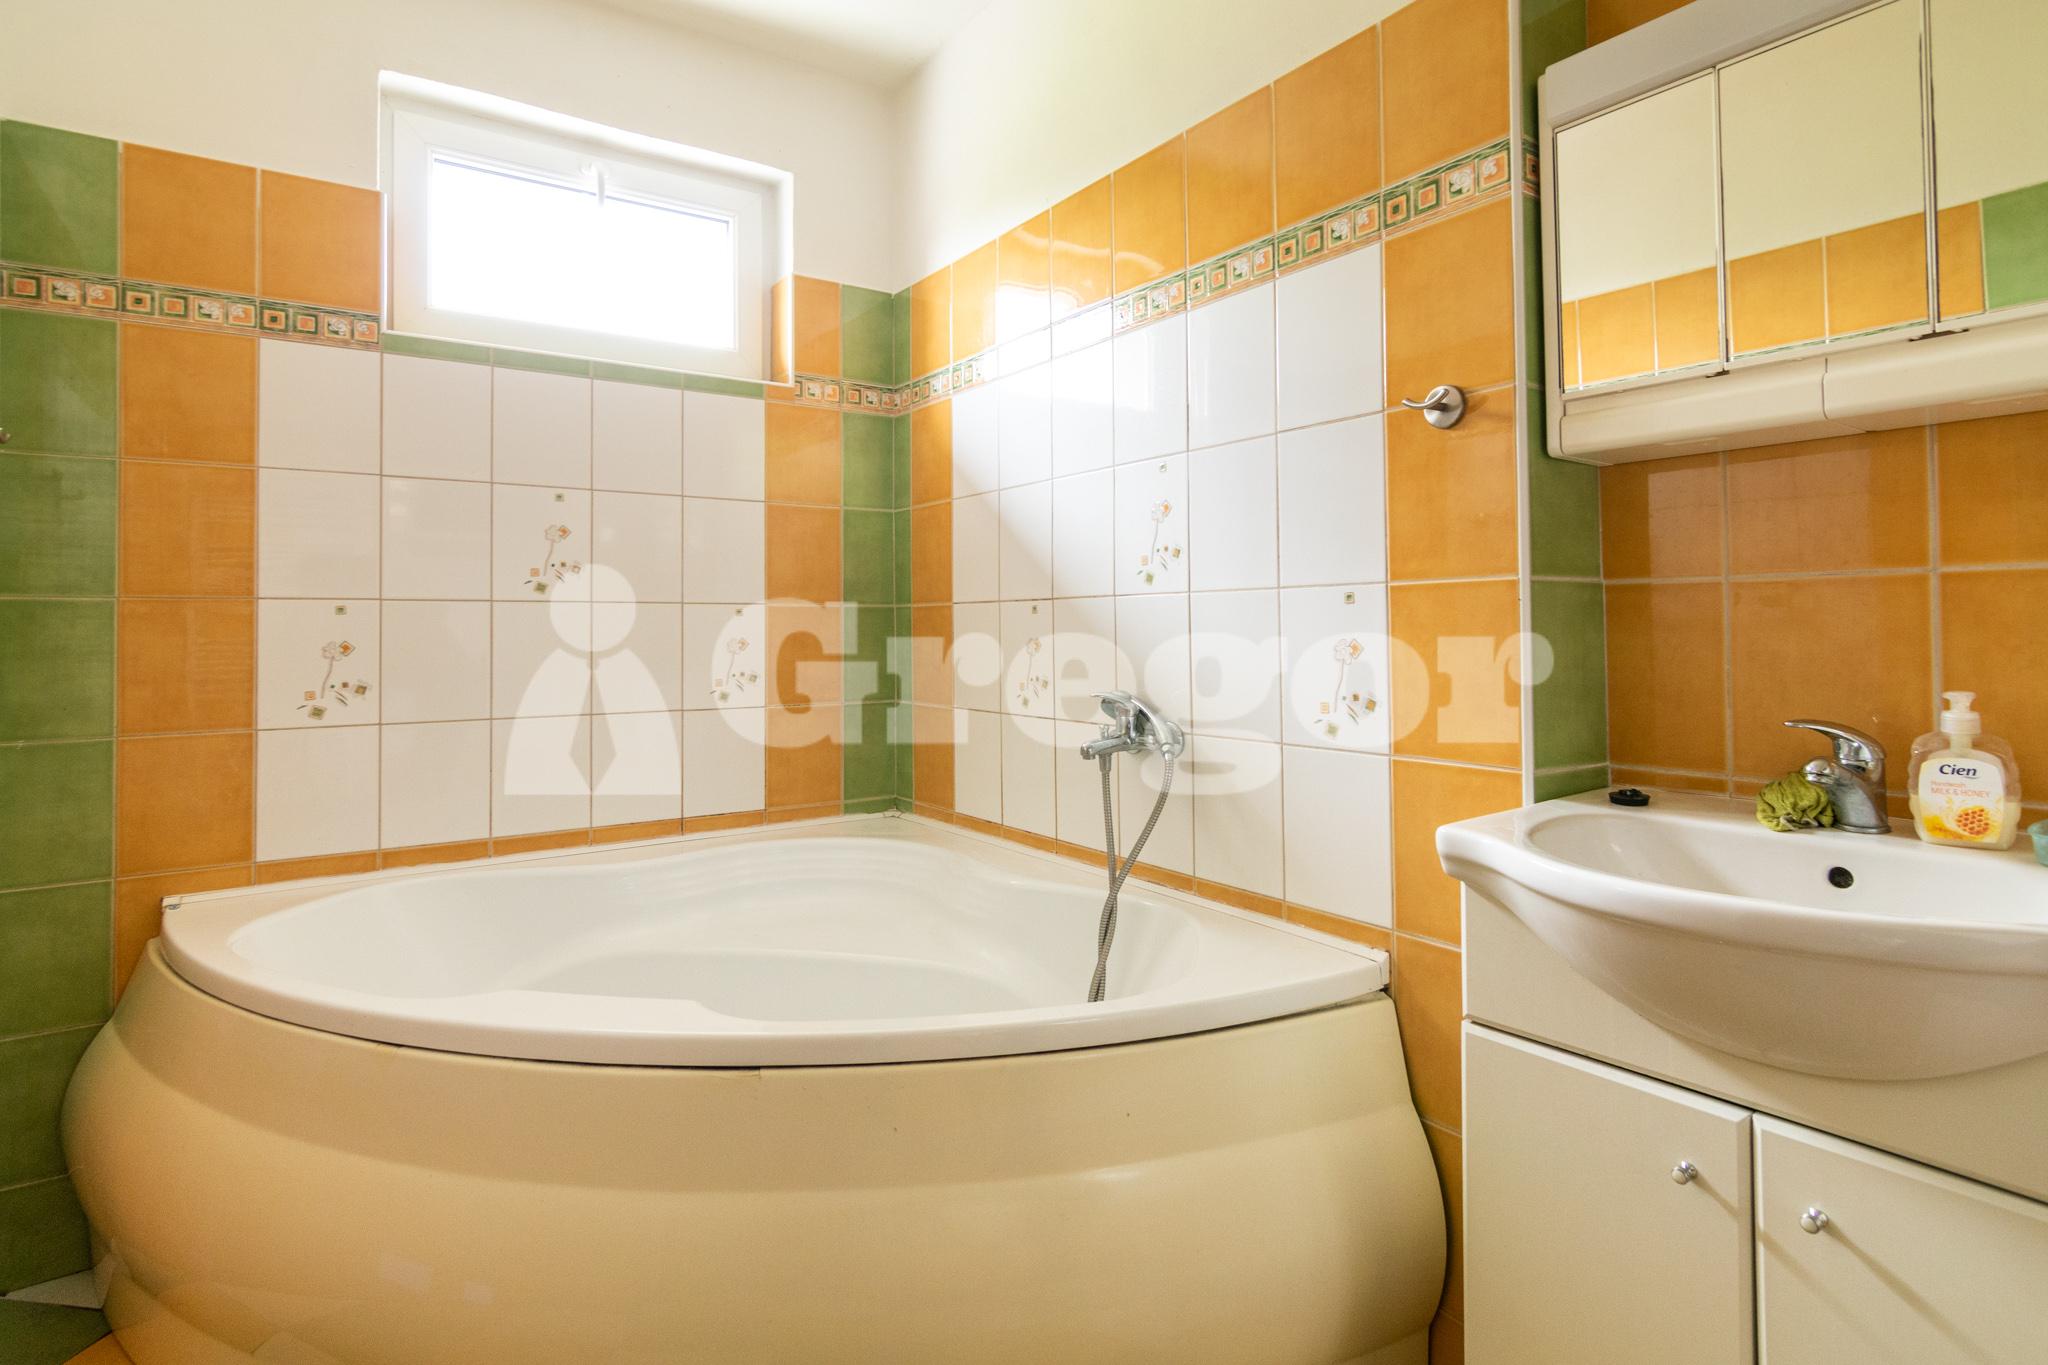 Rodinný dům Drásov koupelna přízemí